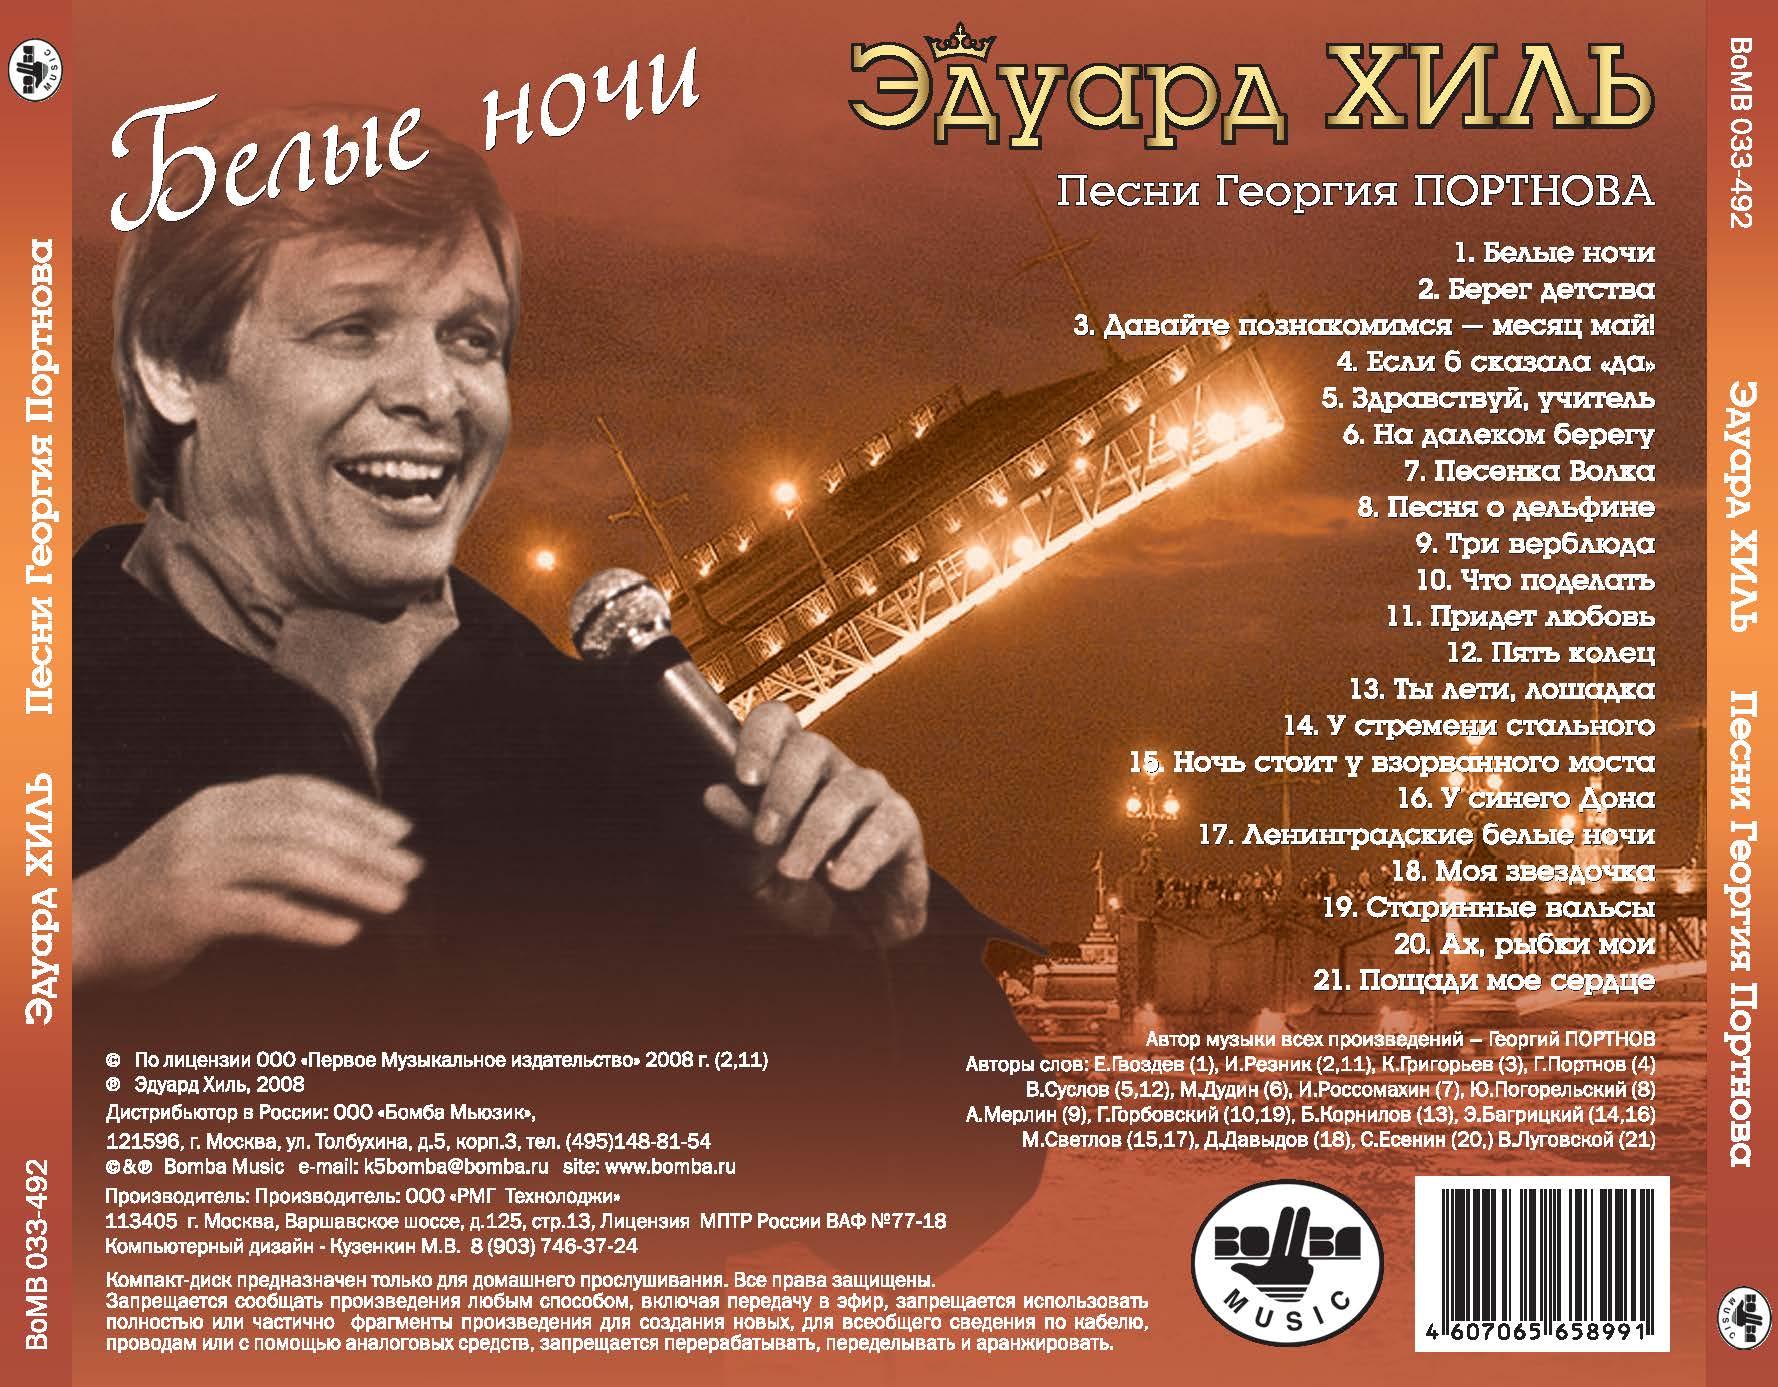 Эдуард Хиль.  Песни Георгия Портнова Bomba Music,Первое Музыкальное Издательство